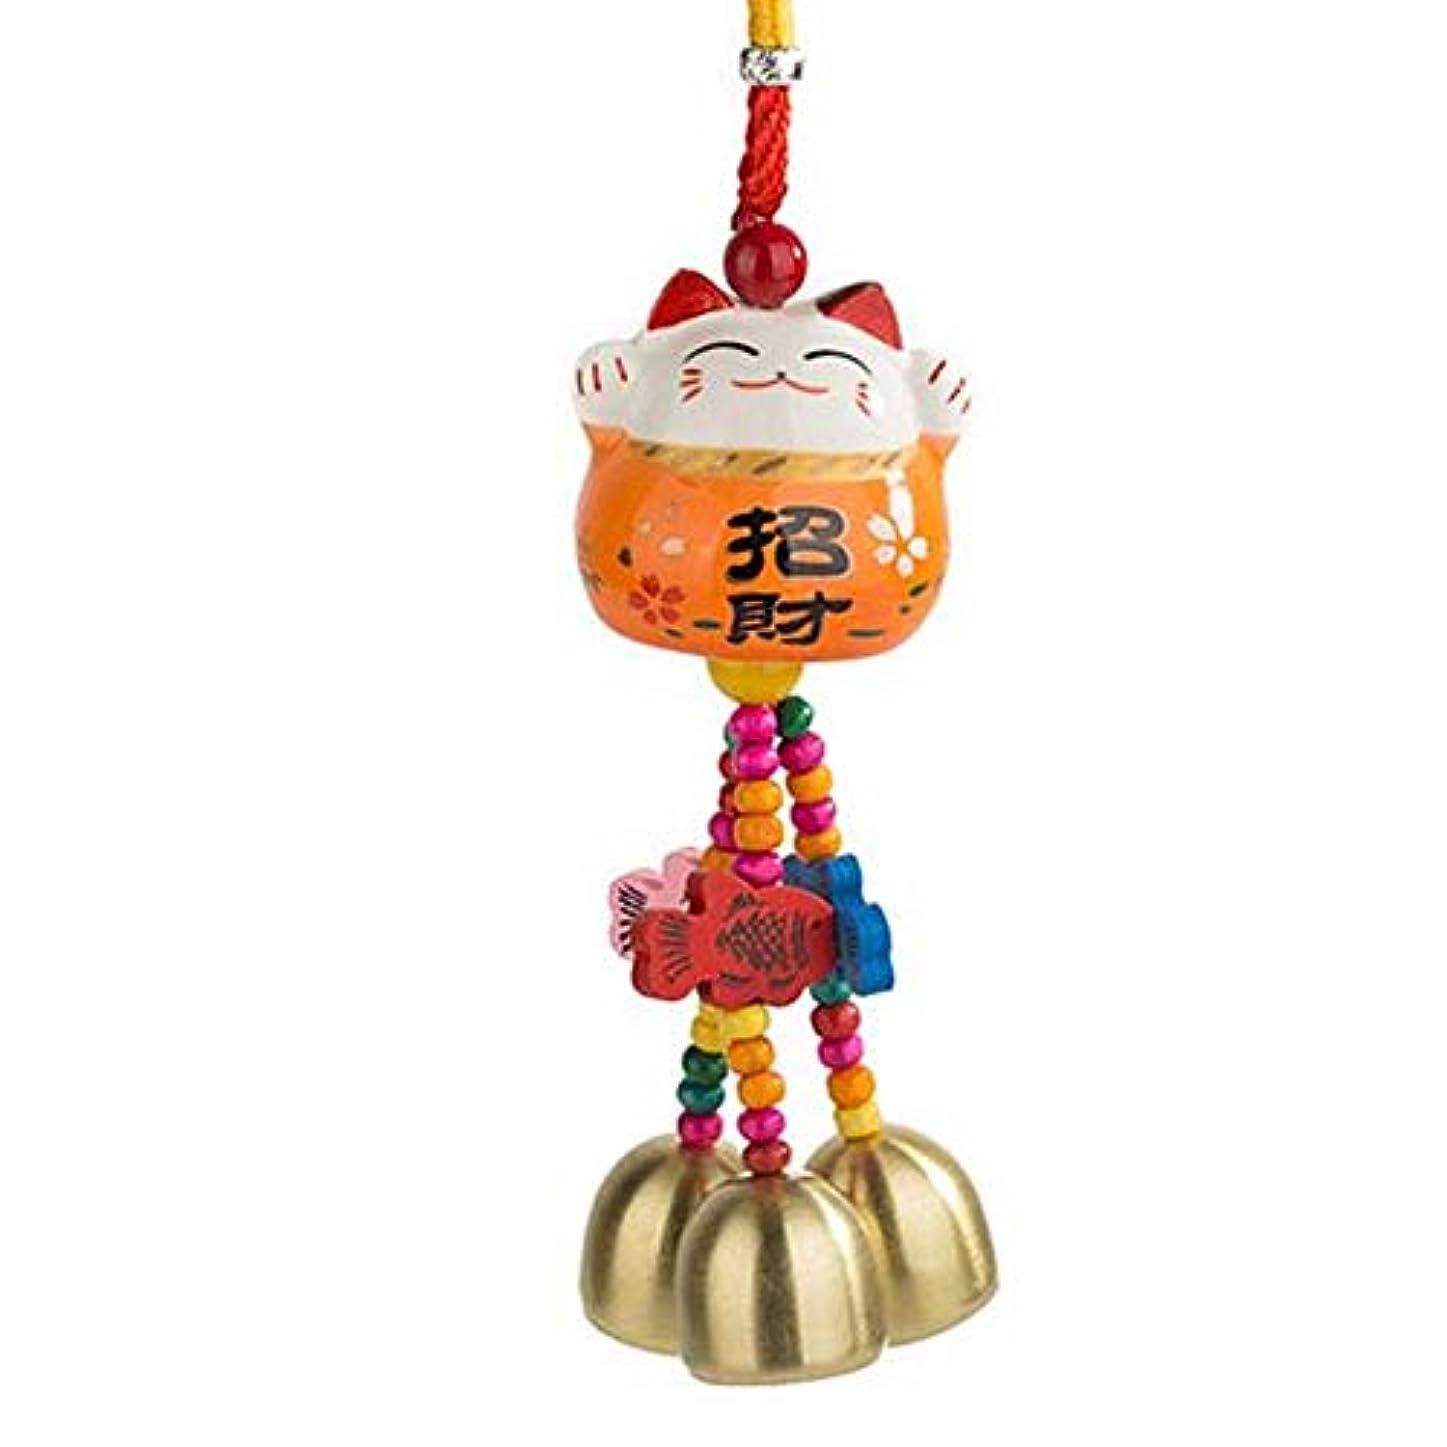 先行するハイライト論文Gaoxingbianlidian001 風チャイム、かわいいクリエイティブセラミック猫風の鐘、赤、長い28センチメートル,楽しいホリデーギフト (Color : Orange)